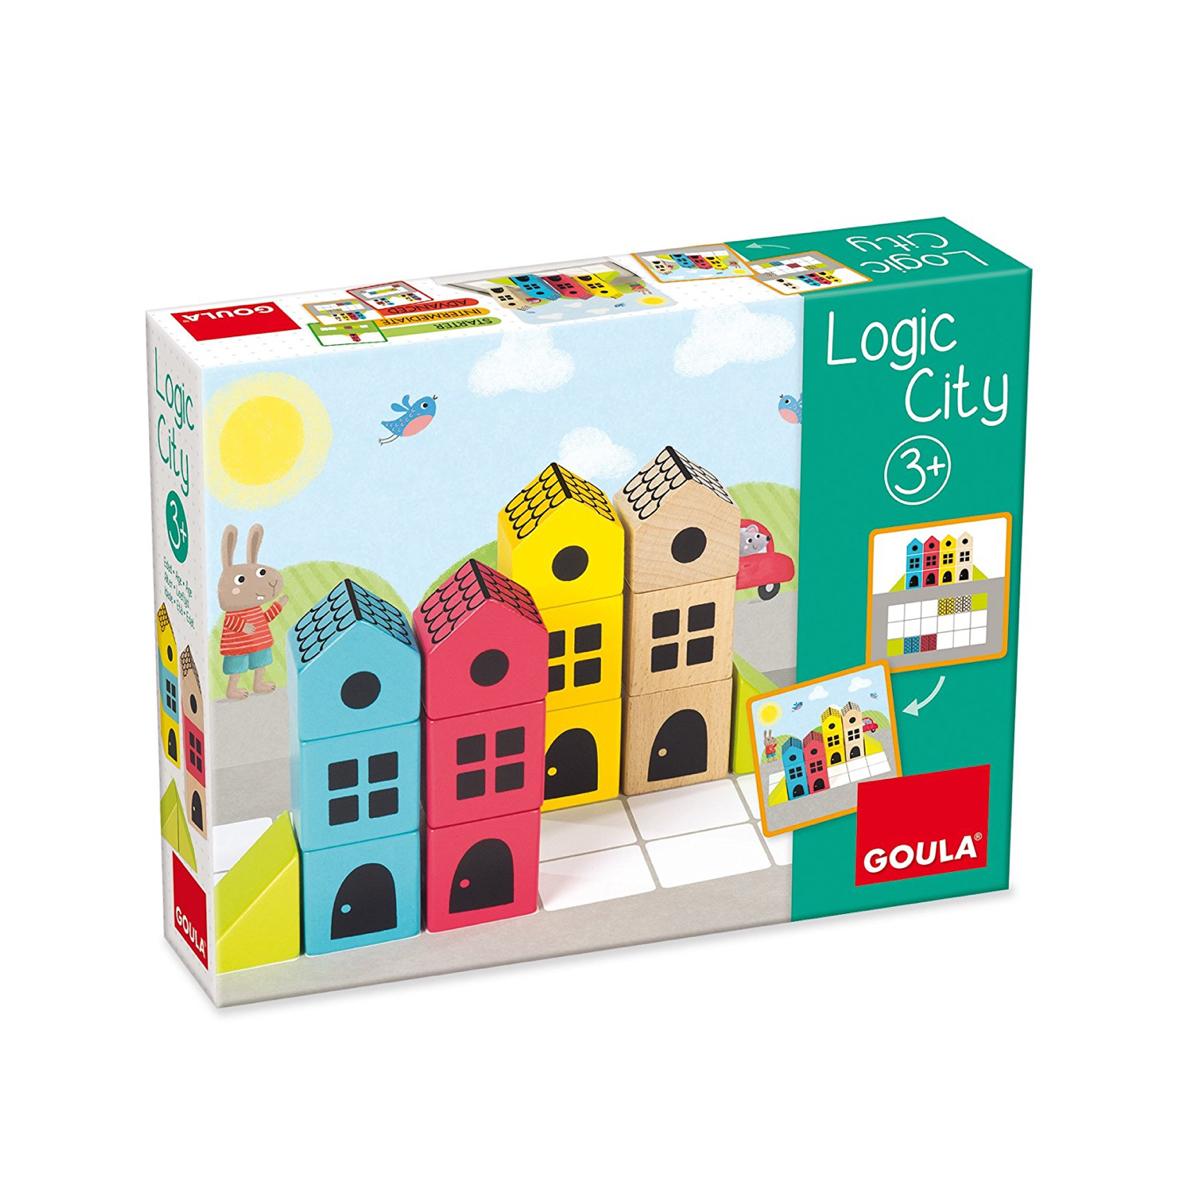 logic-city-de-goula-en-el-mundo-de-mico3